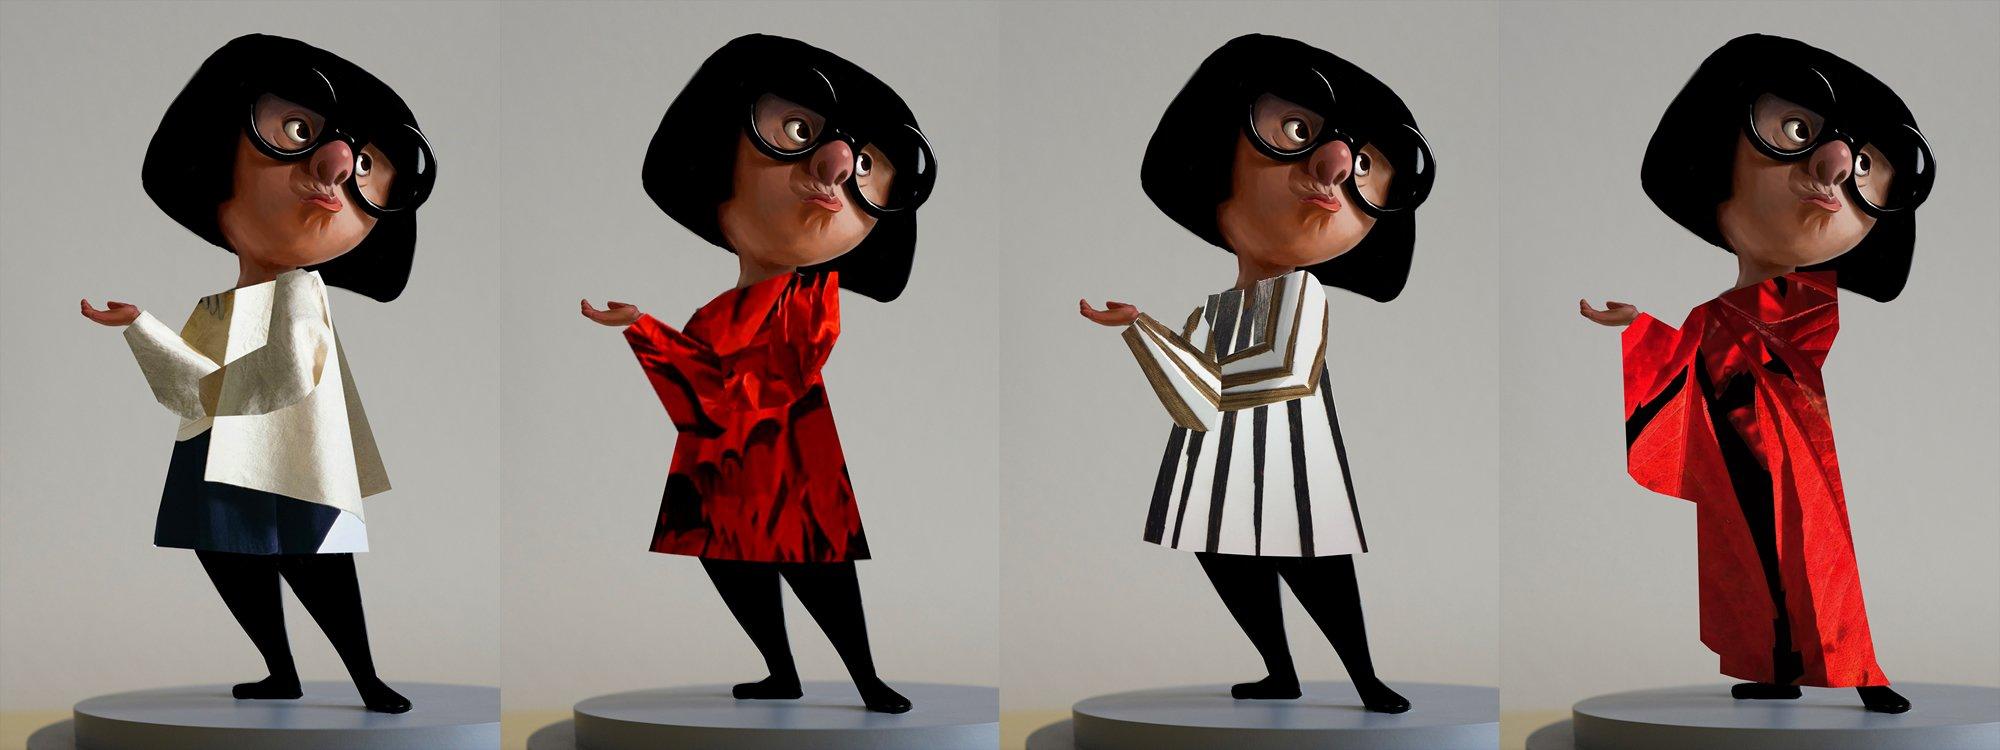 Edna modas vestida con diferentes prendas